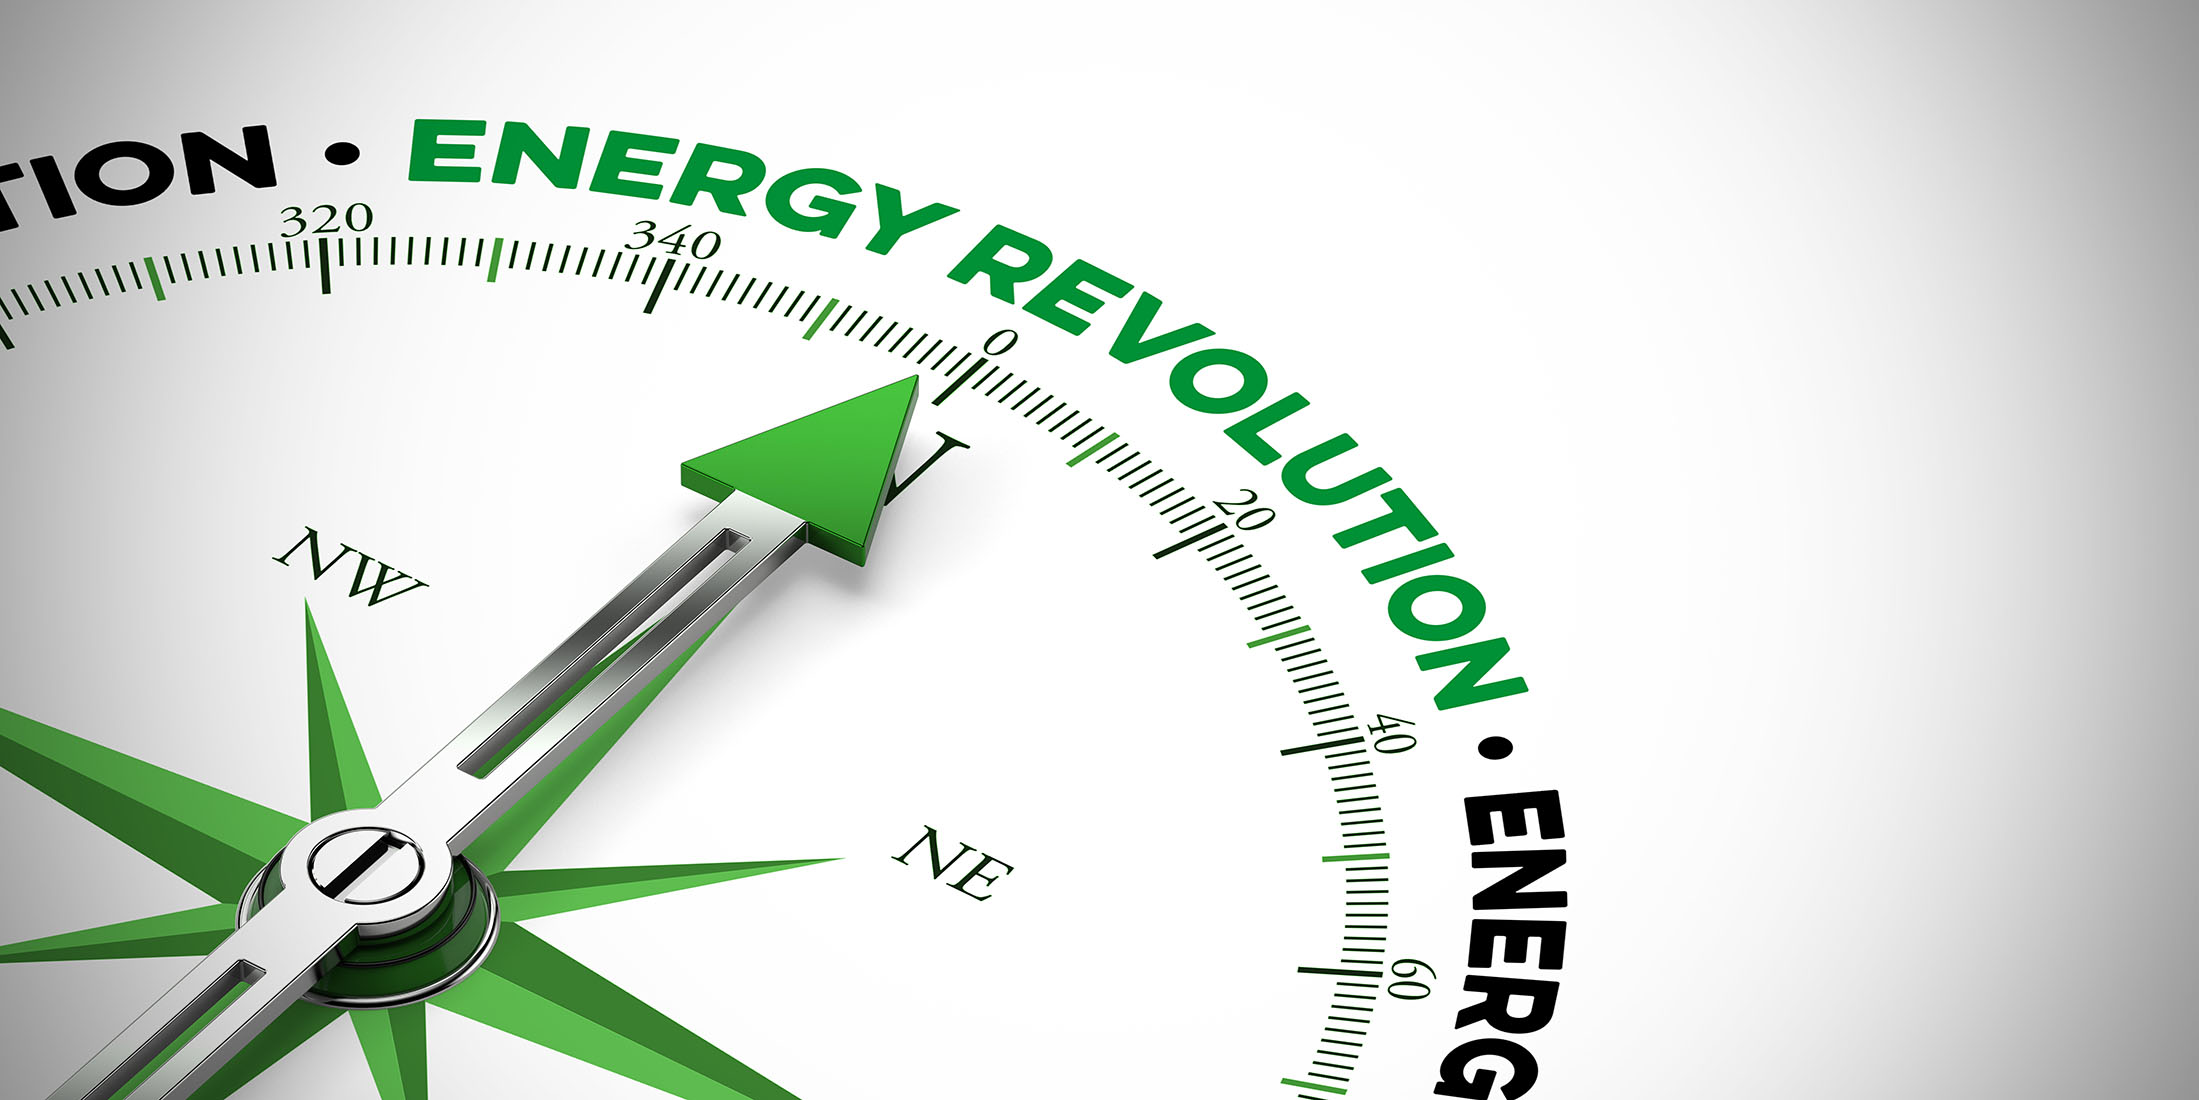 energietransitie realiteitszin